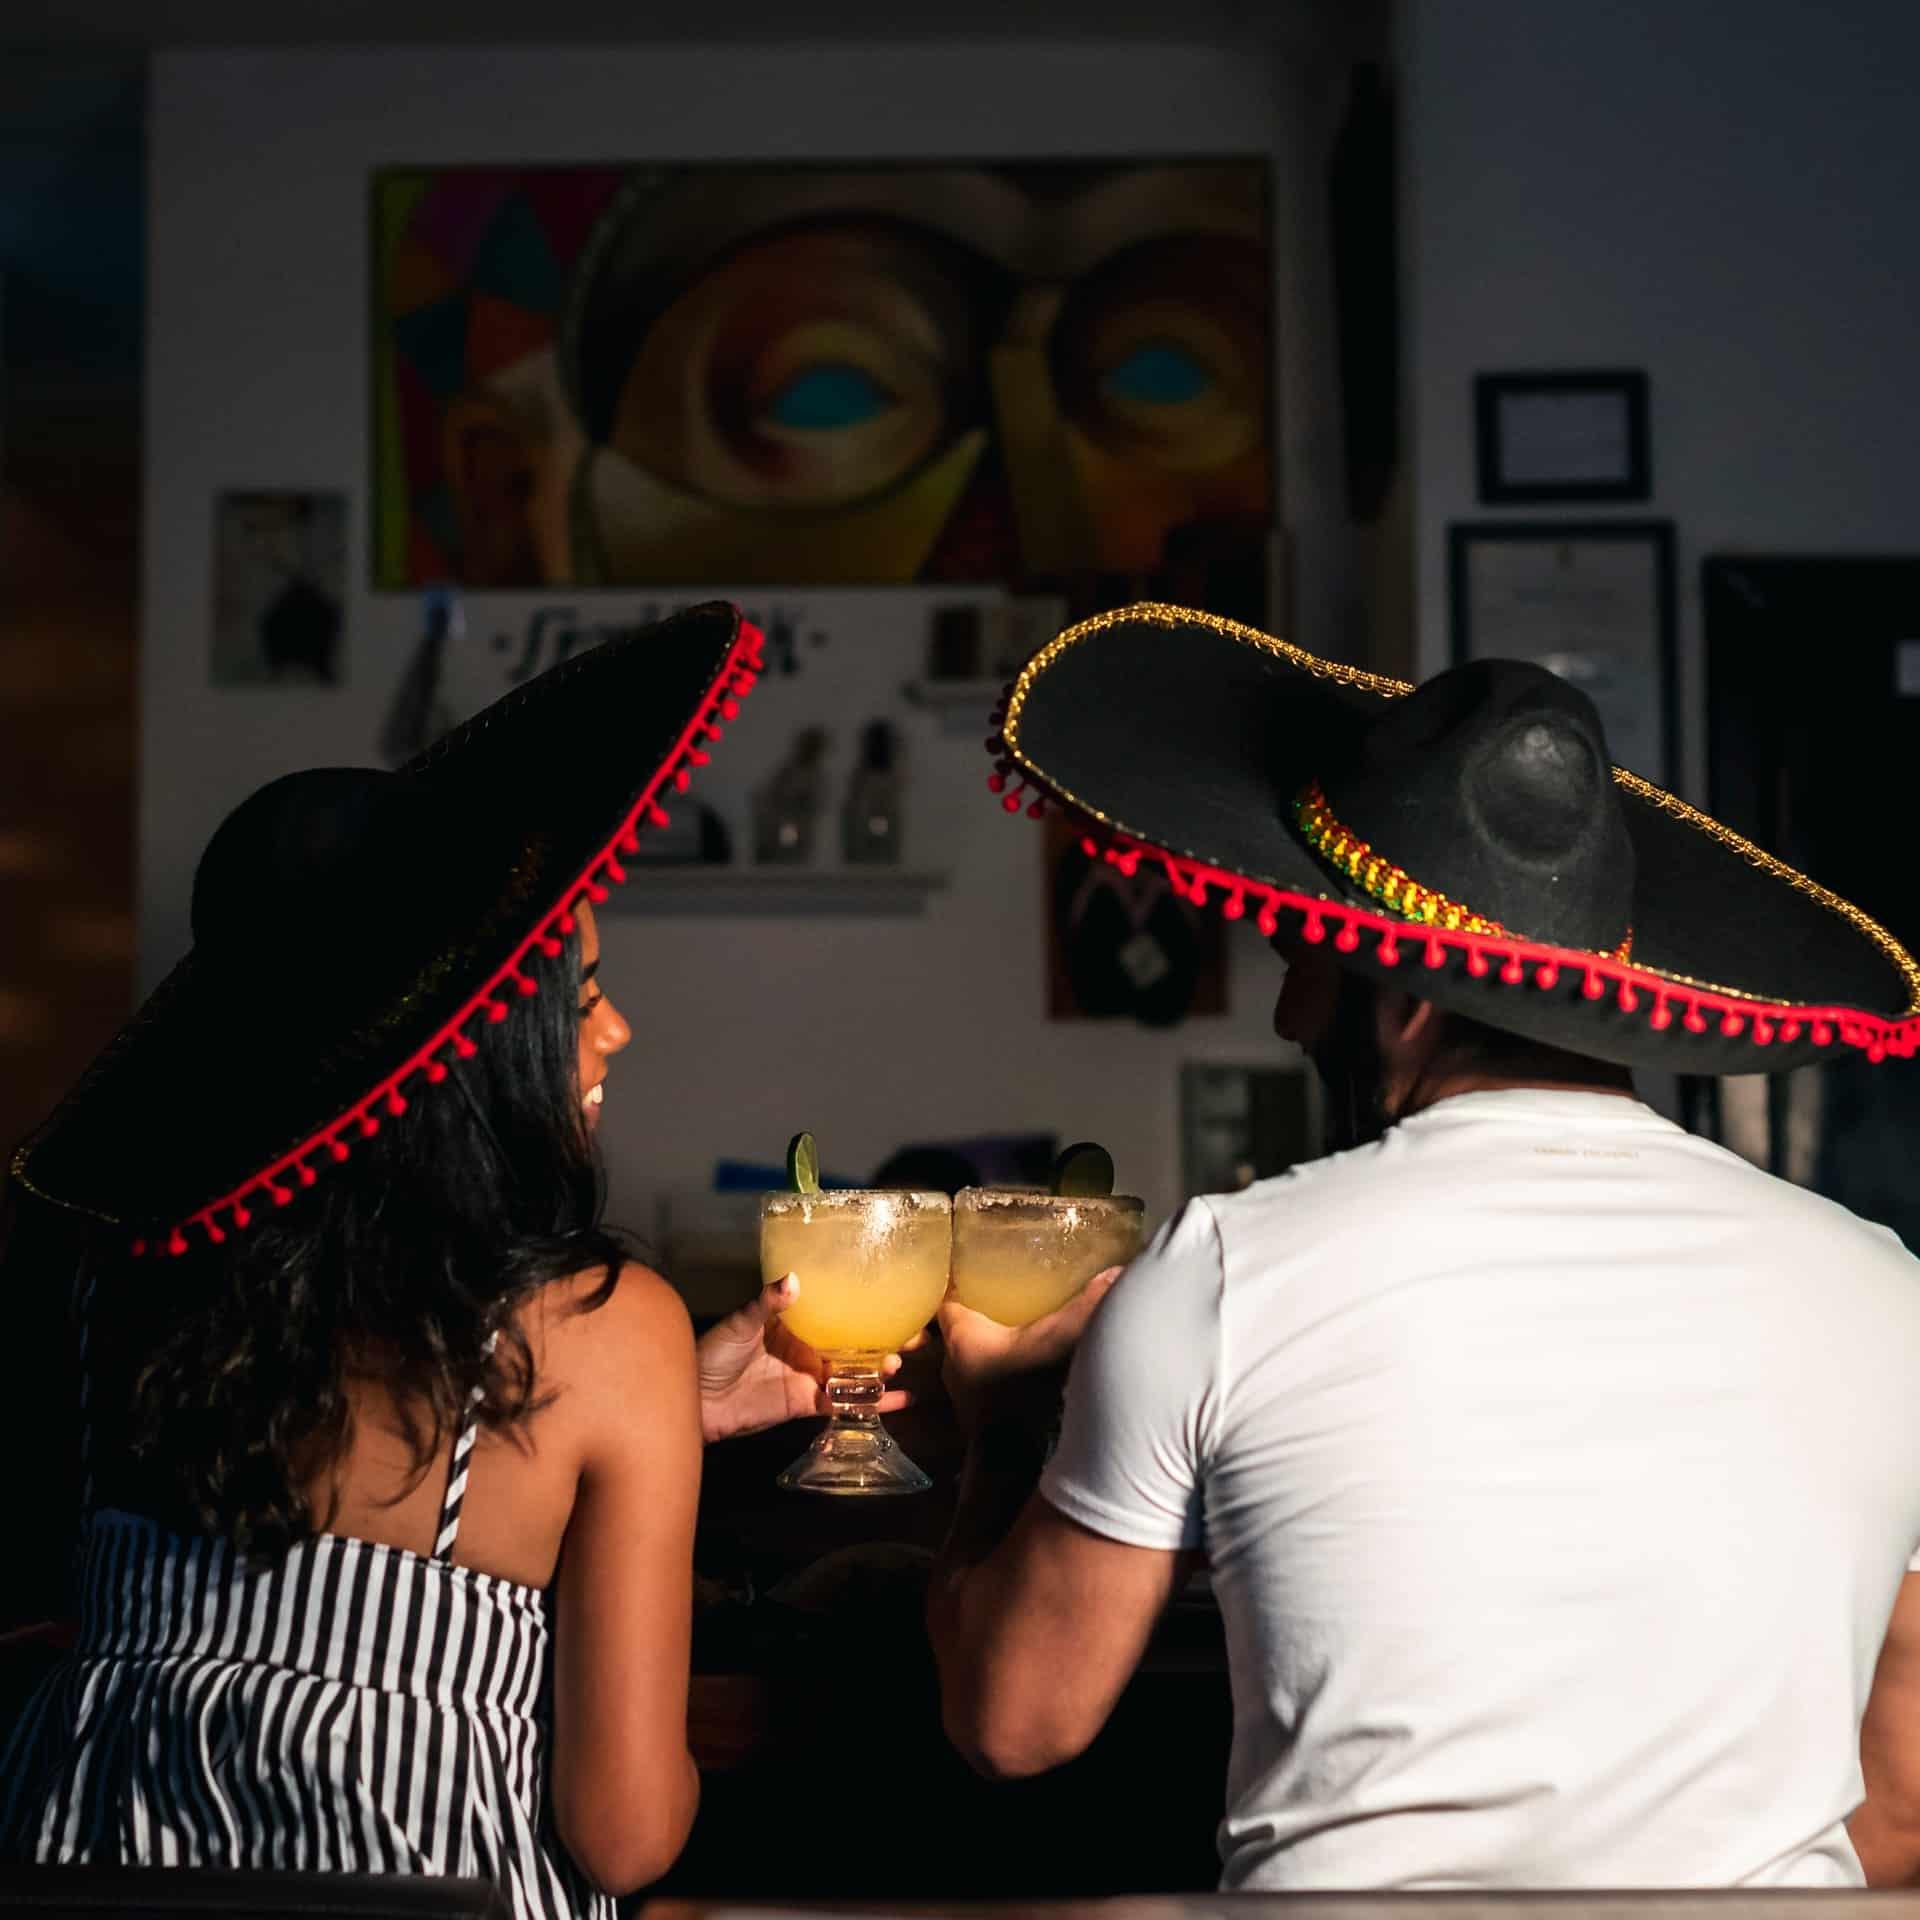 Una pareja brindando con margaritas y con sombreros de mariachi